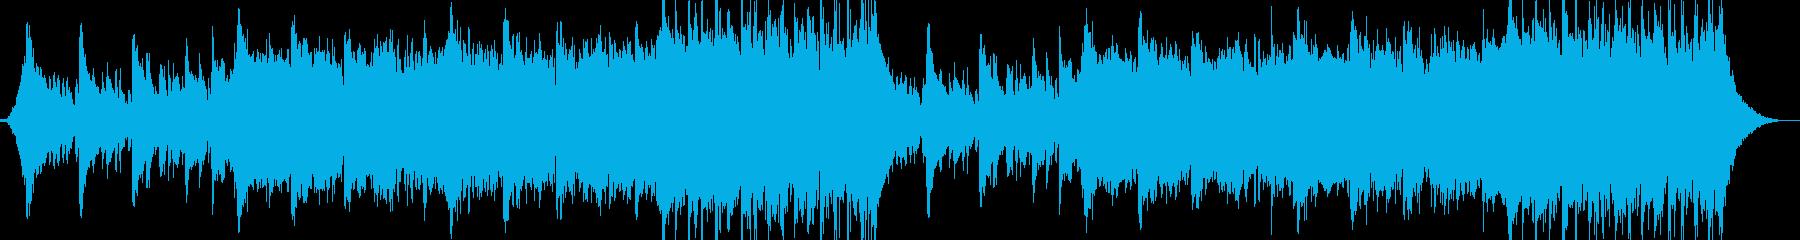 企業VPや映像41、壮大、オーケストラaの再生済みの波形